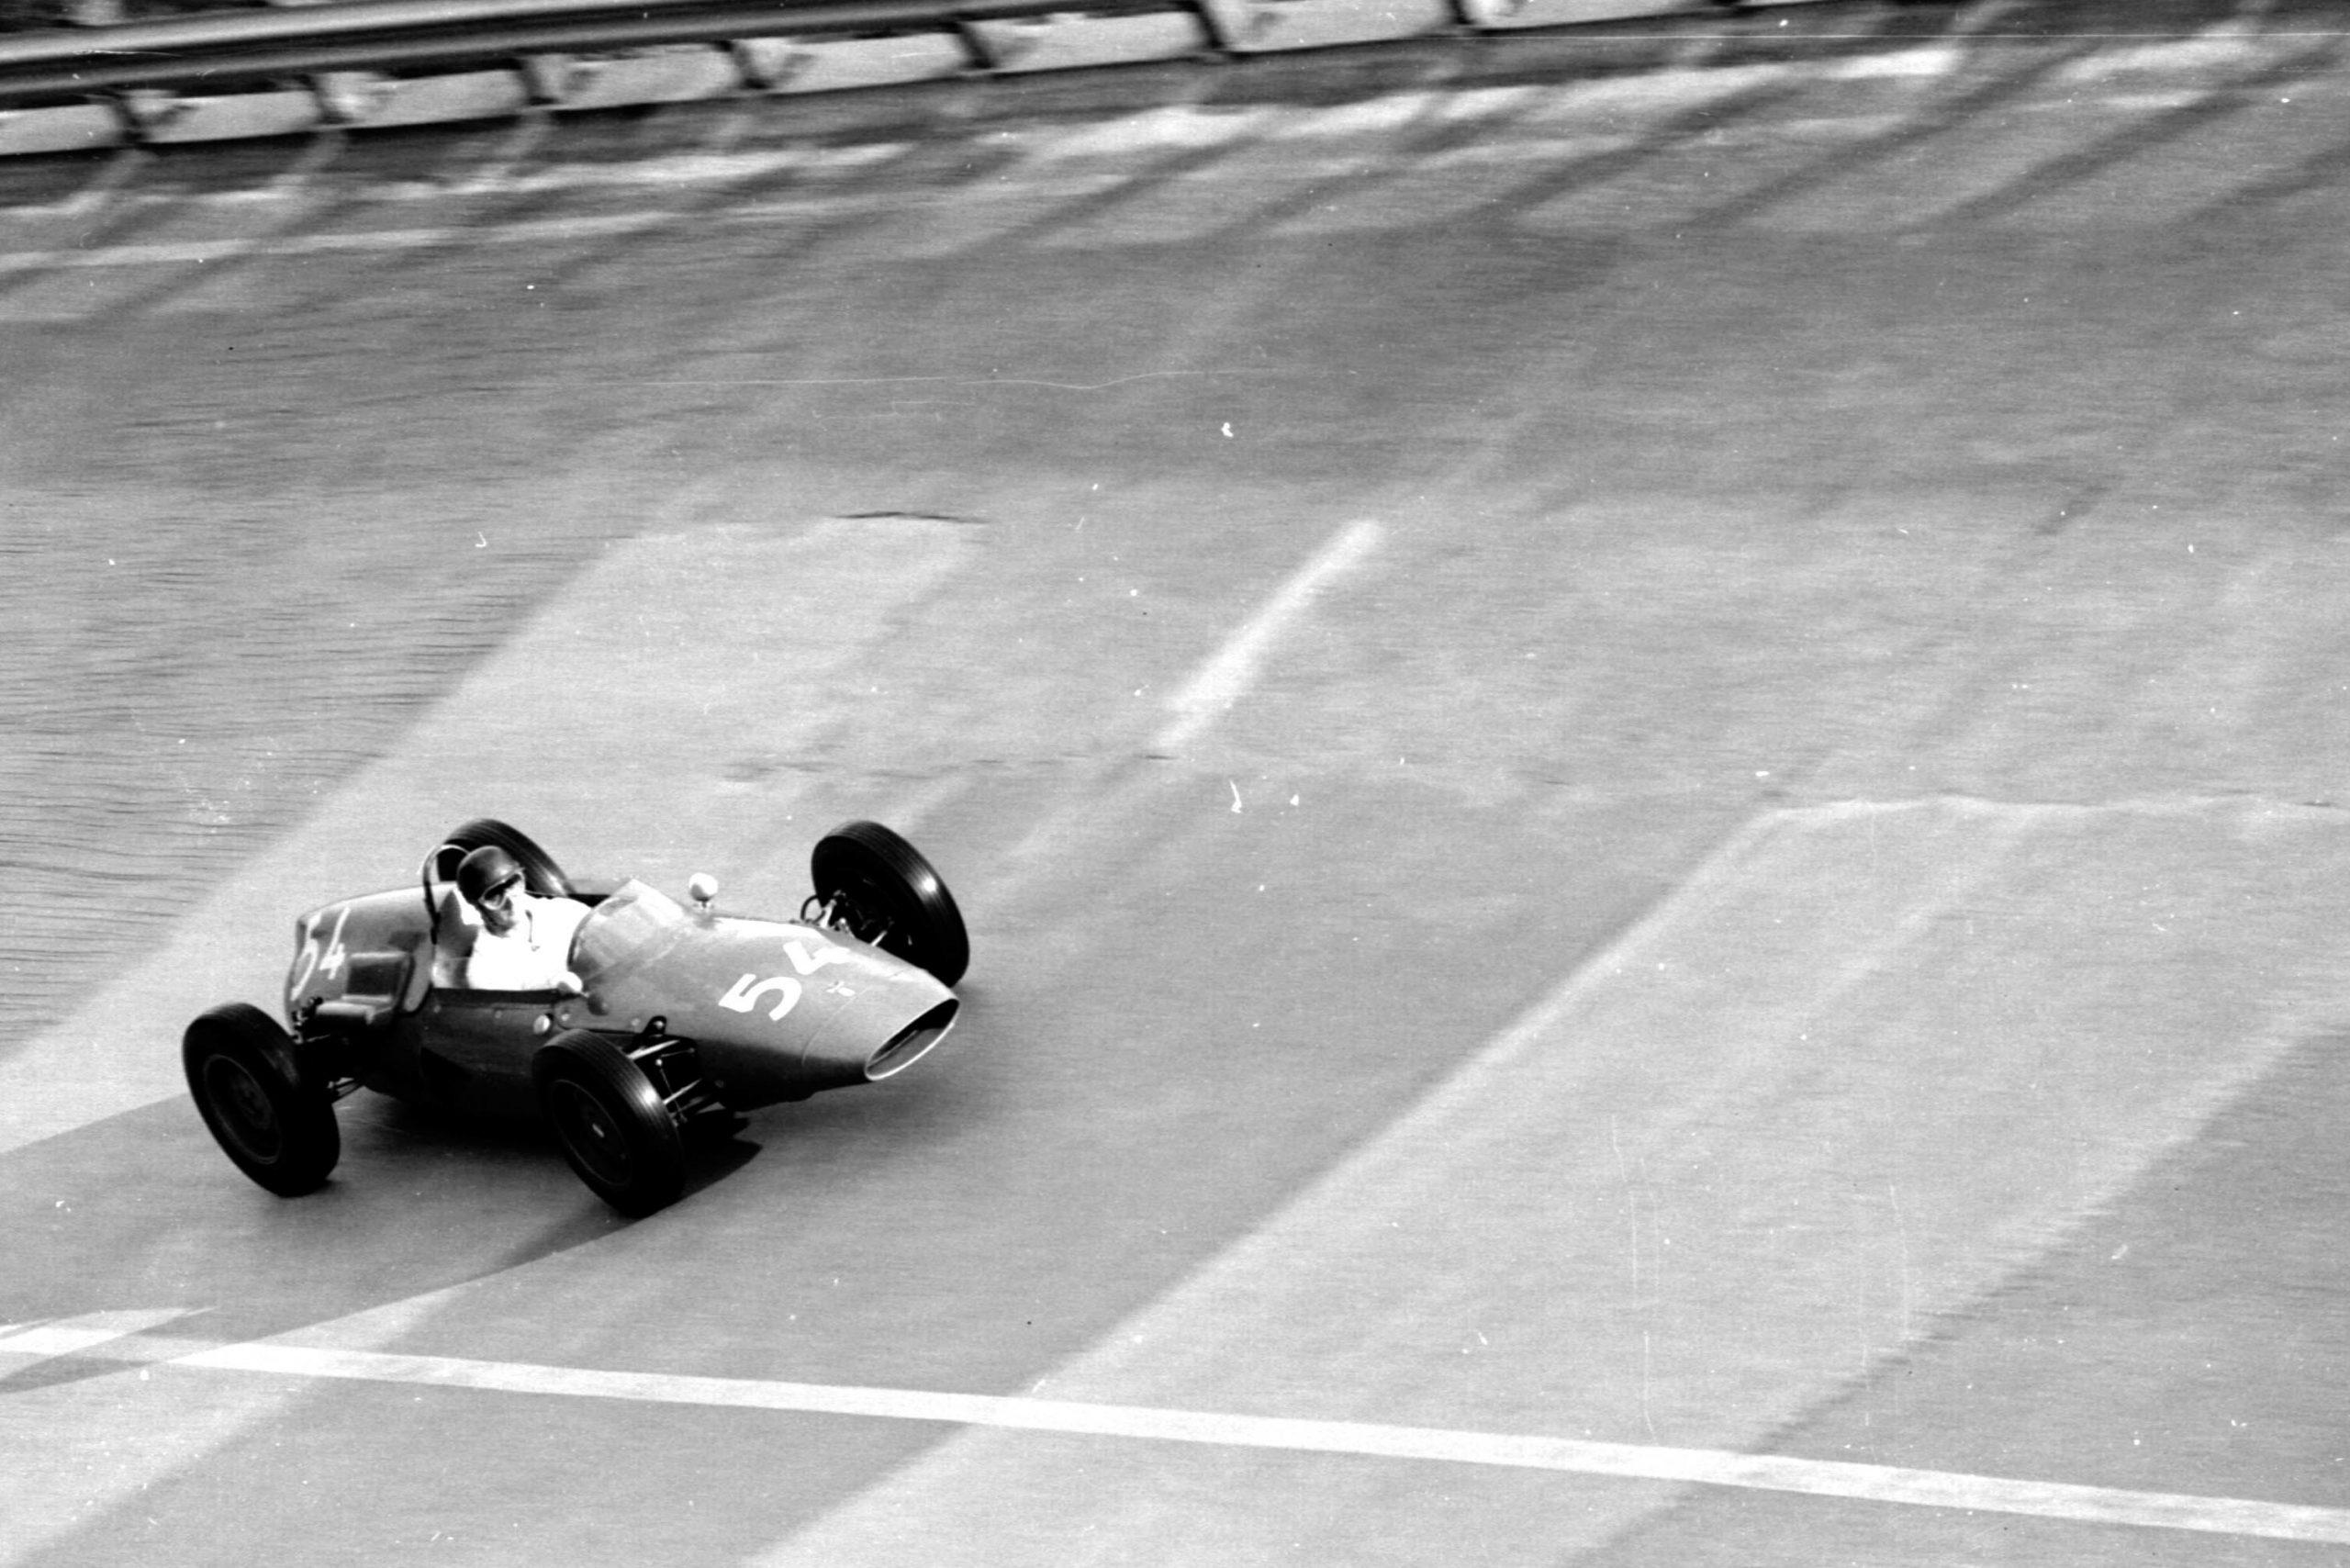 Roberto Bussinello in a De Tomaso F1/004-Alfa Romeo on the banking.